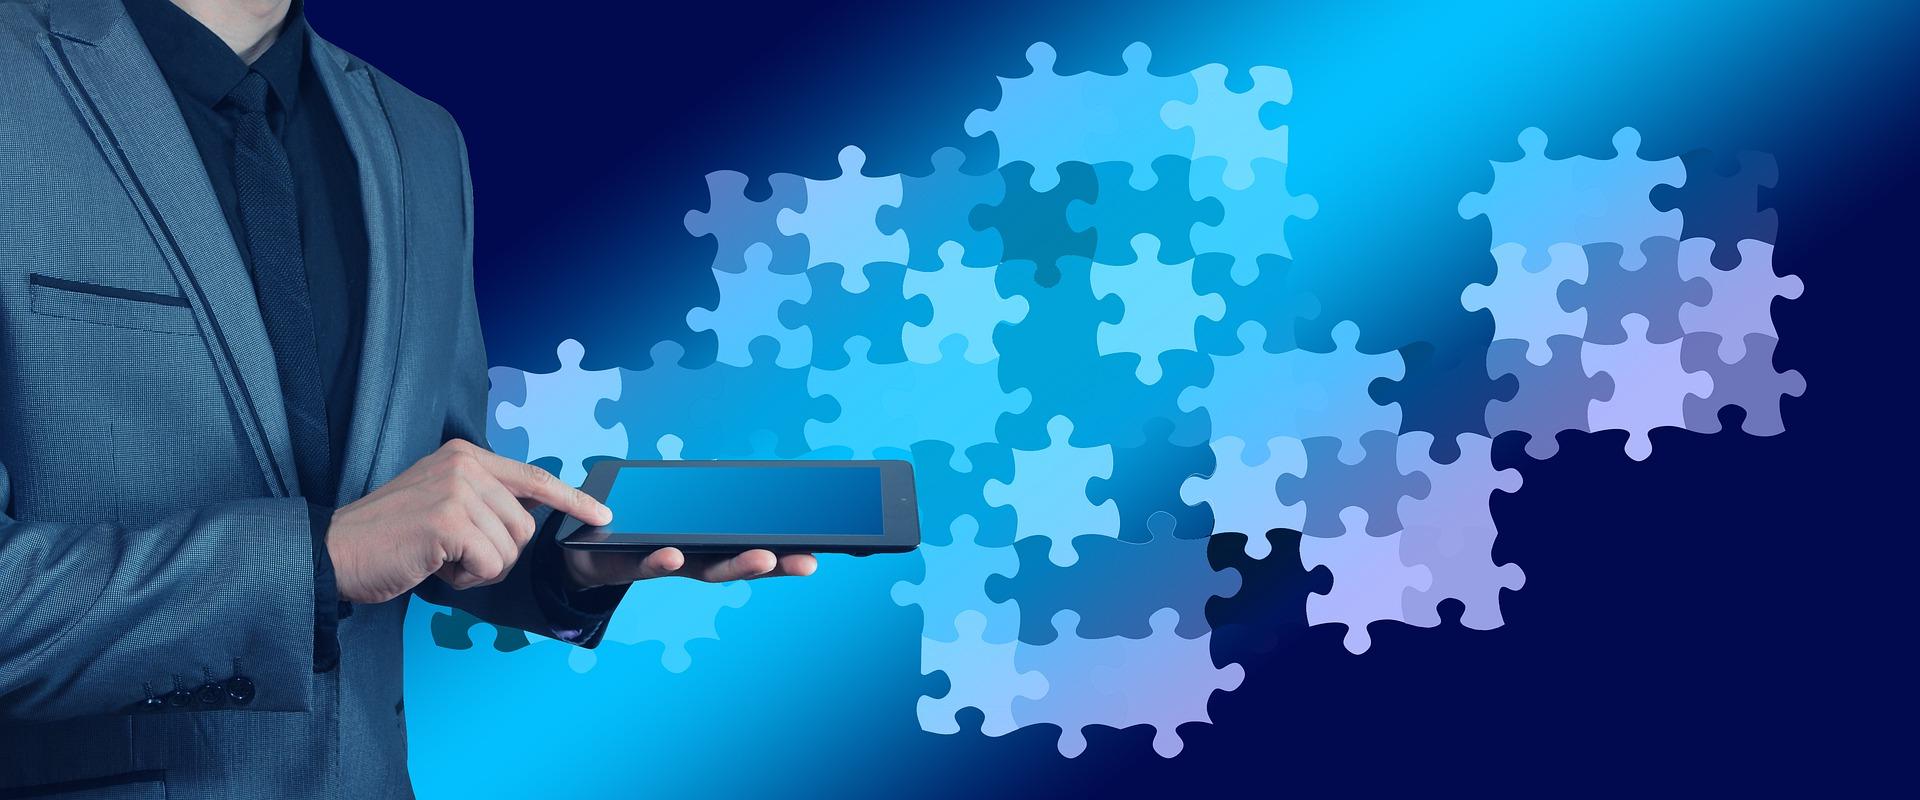 WTell combineert gegevens als puzzelstukjes uit verschillende bronnen